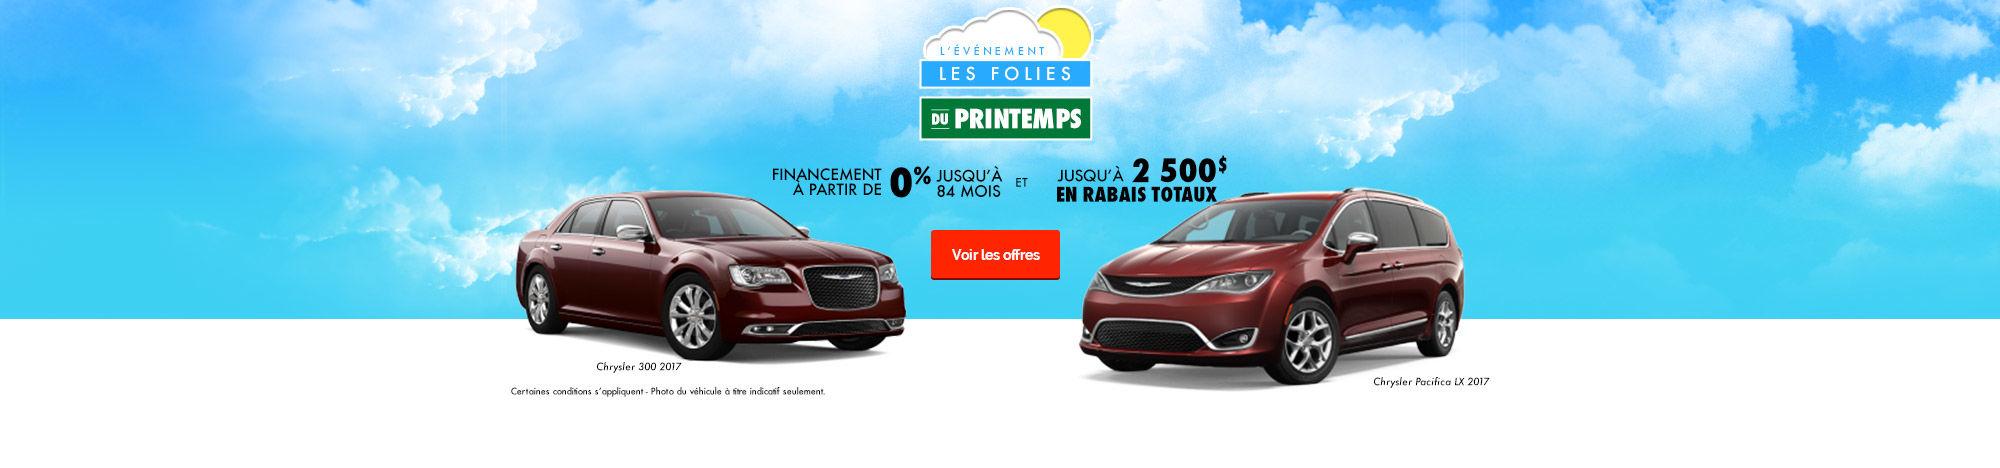 L'événement les folies du printemps de Chrysler!